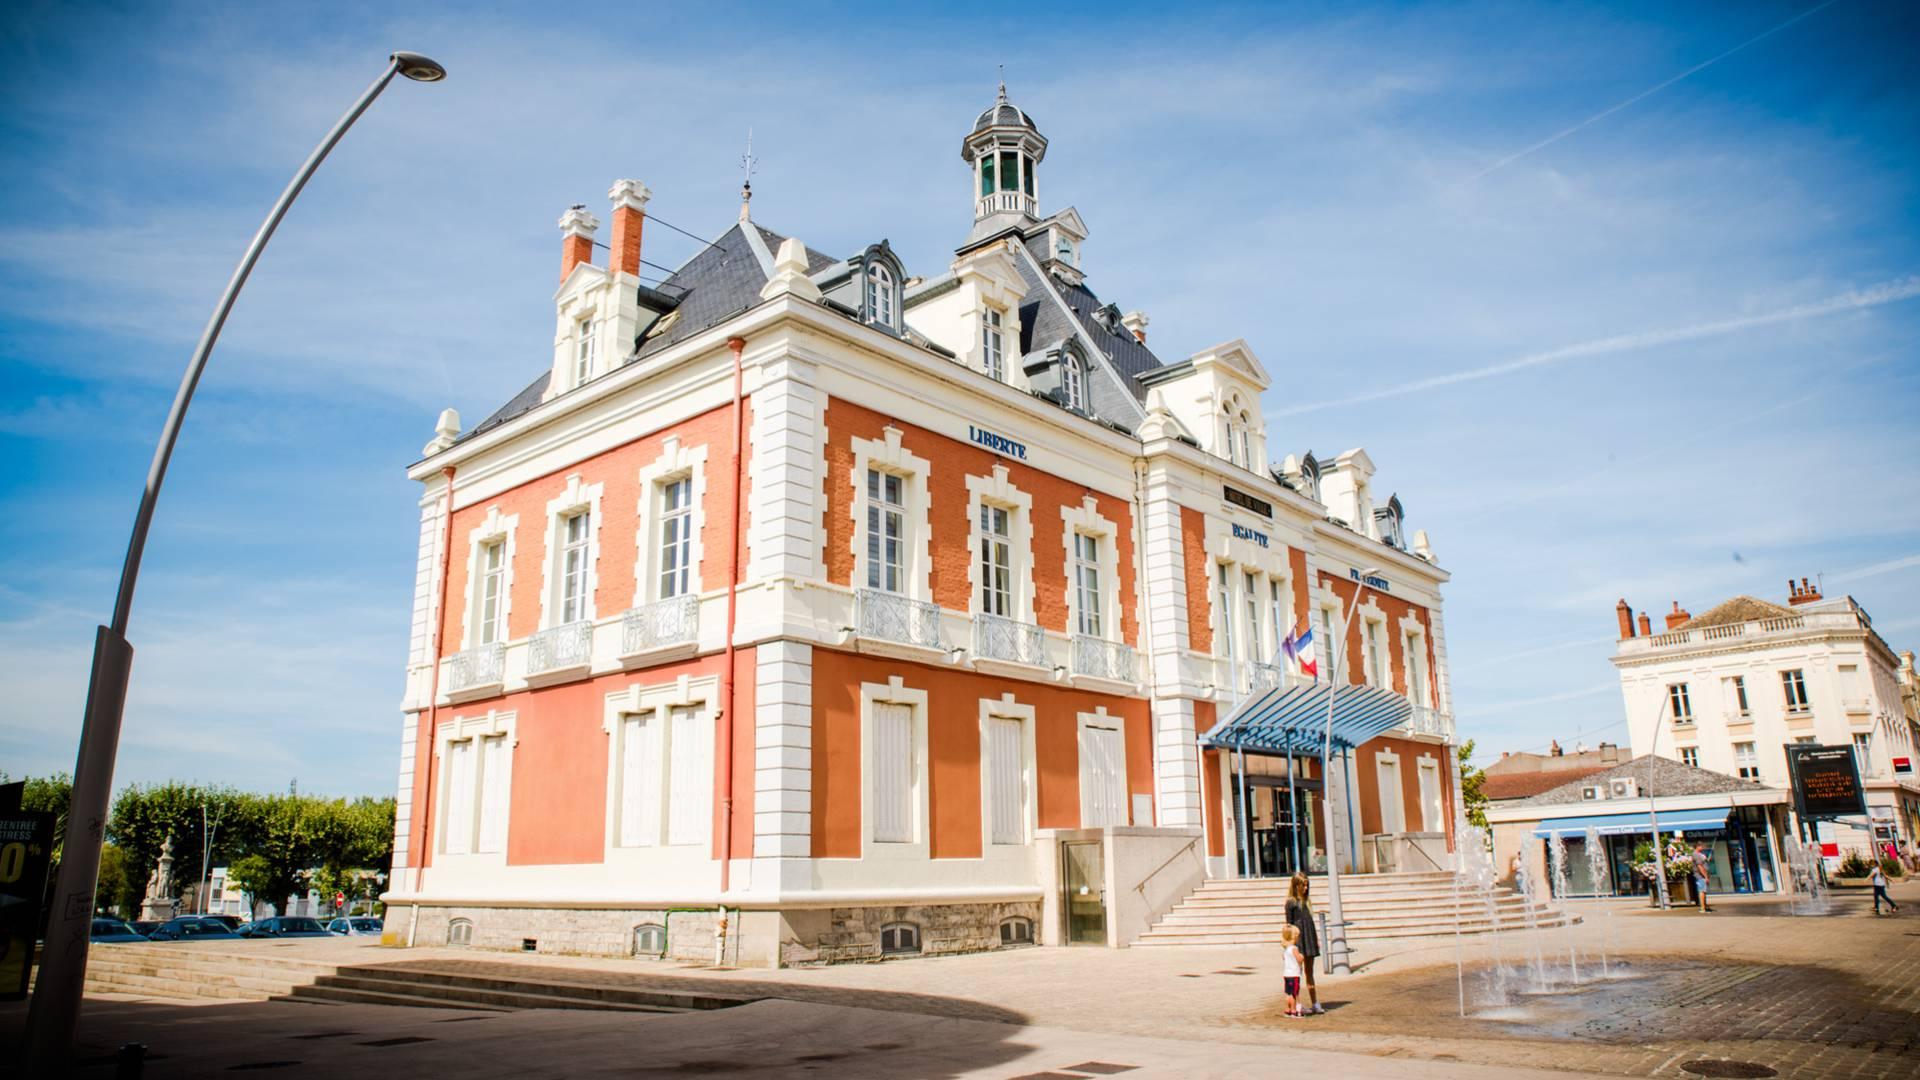 L'hôtel de ville de Montceau-les-Mines. © Franck Juillot.